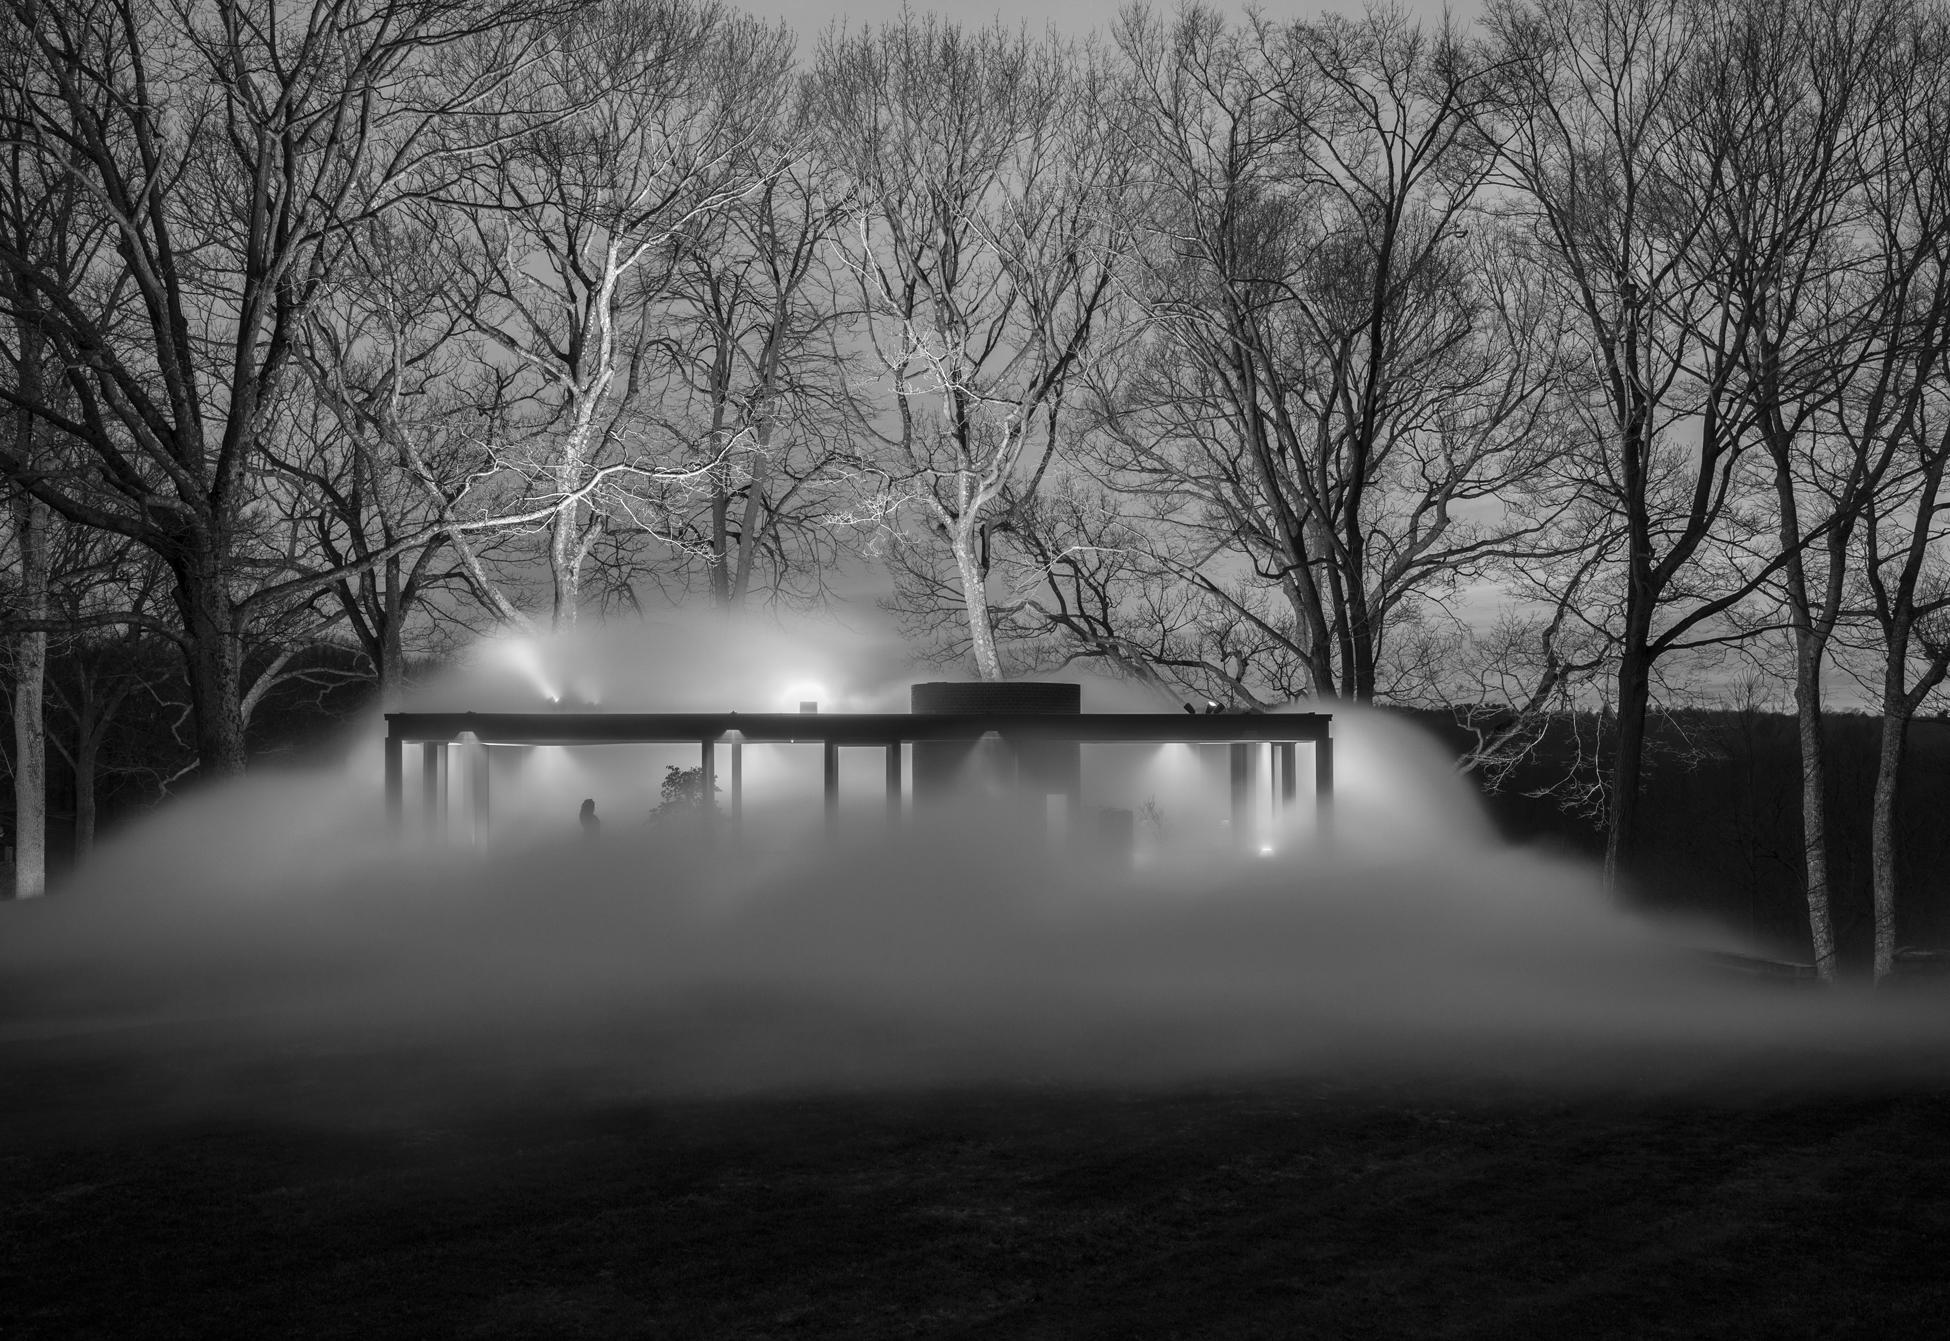 GlassHouse_Fog_049.jpg